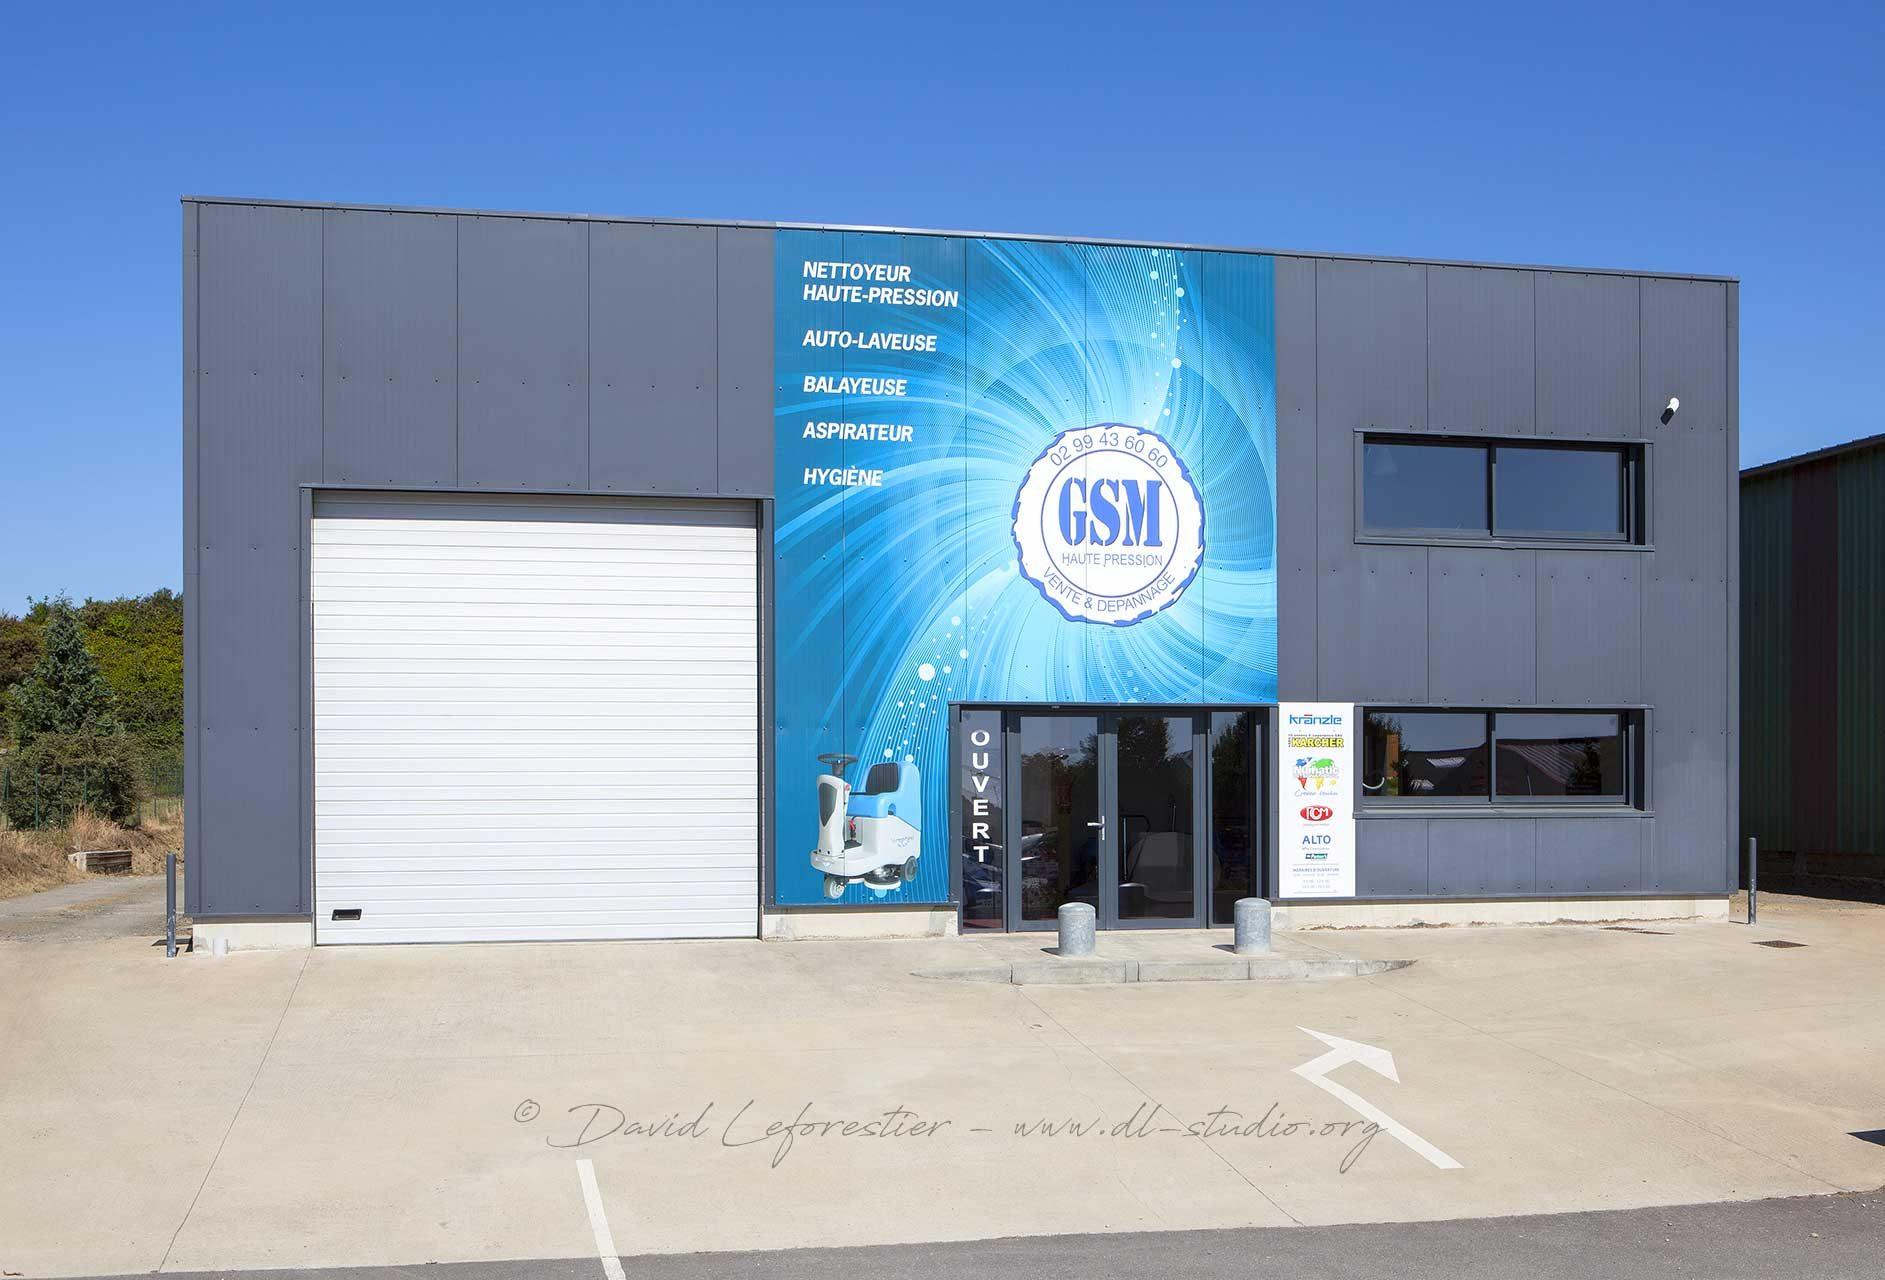 GSM-HAUTE-PRESSION-BAIN-DE-BRETAGNE-4